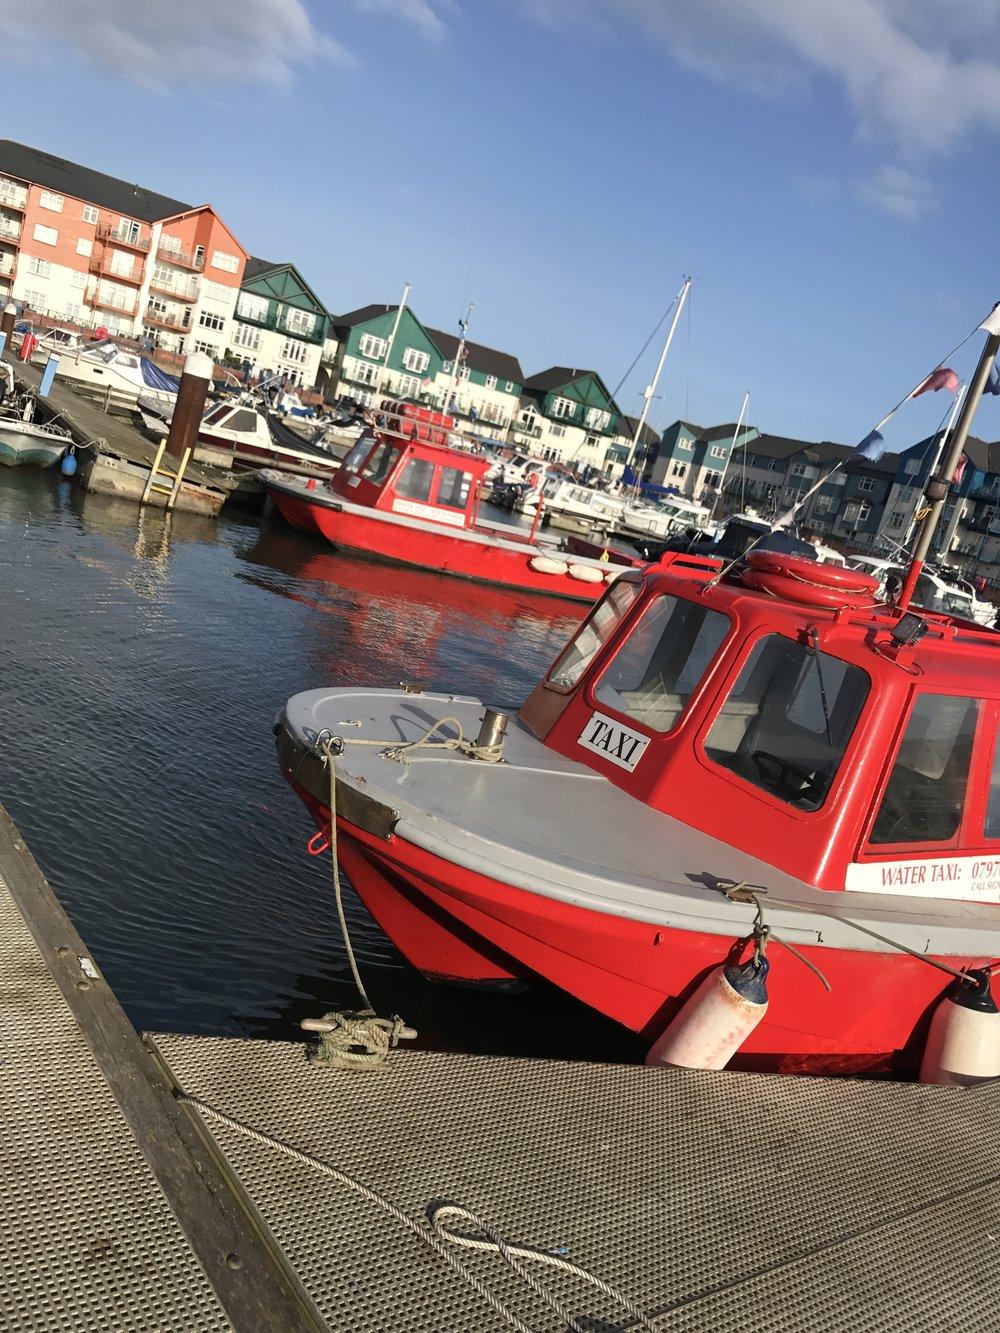 Exmouth Water taxi marina dawlish warren exe river